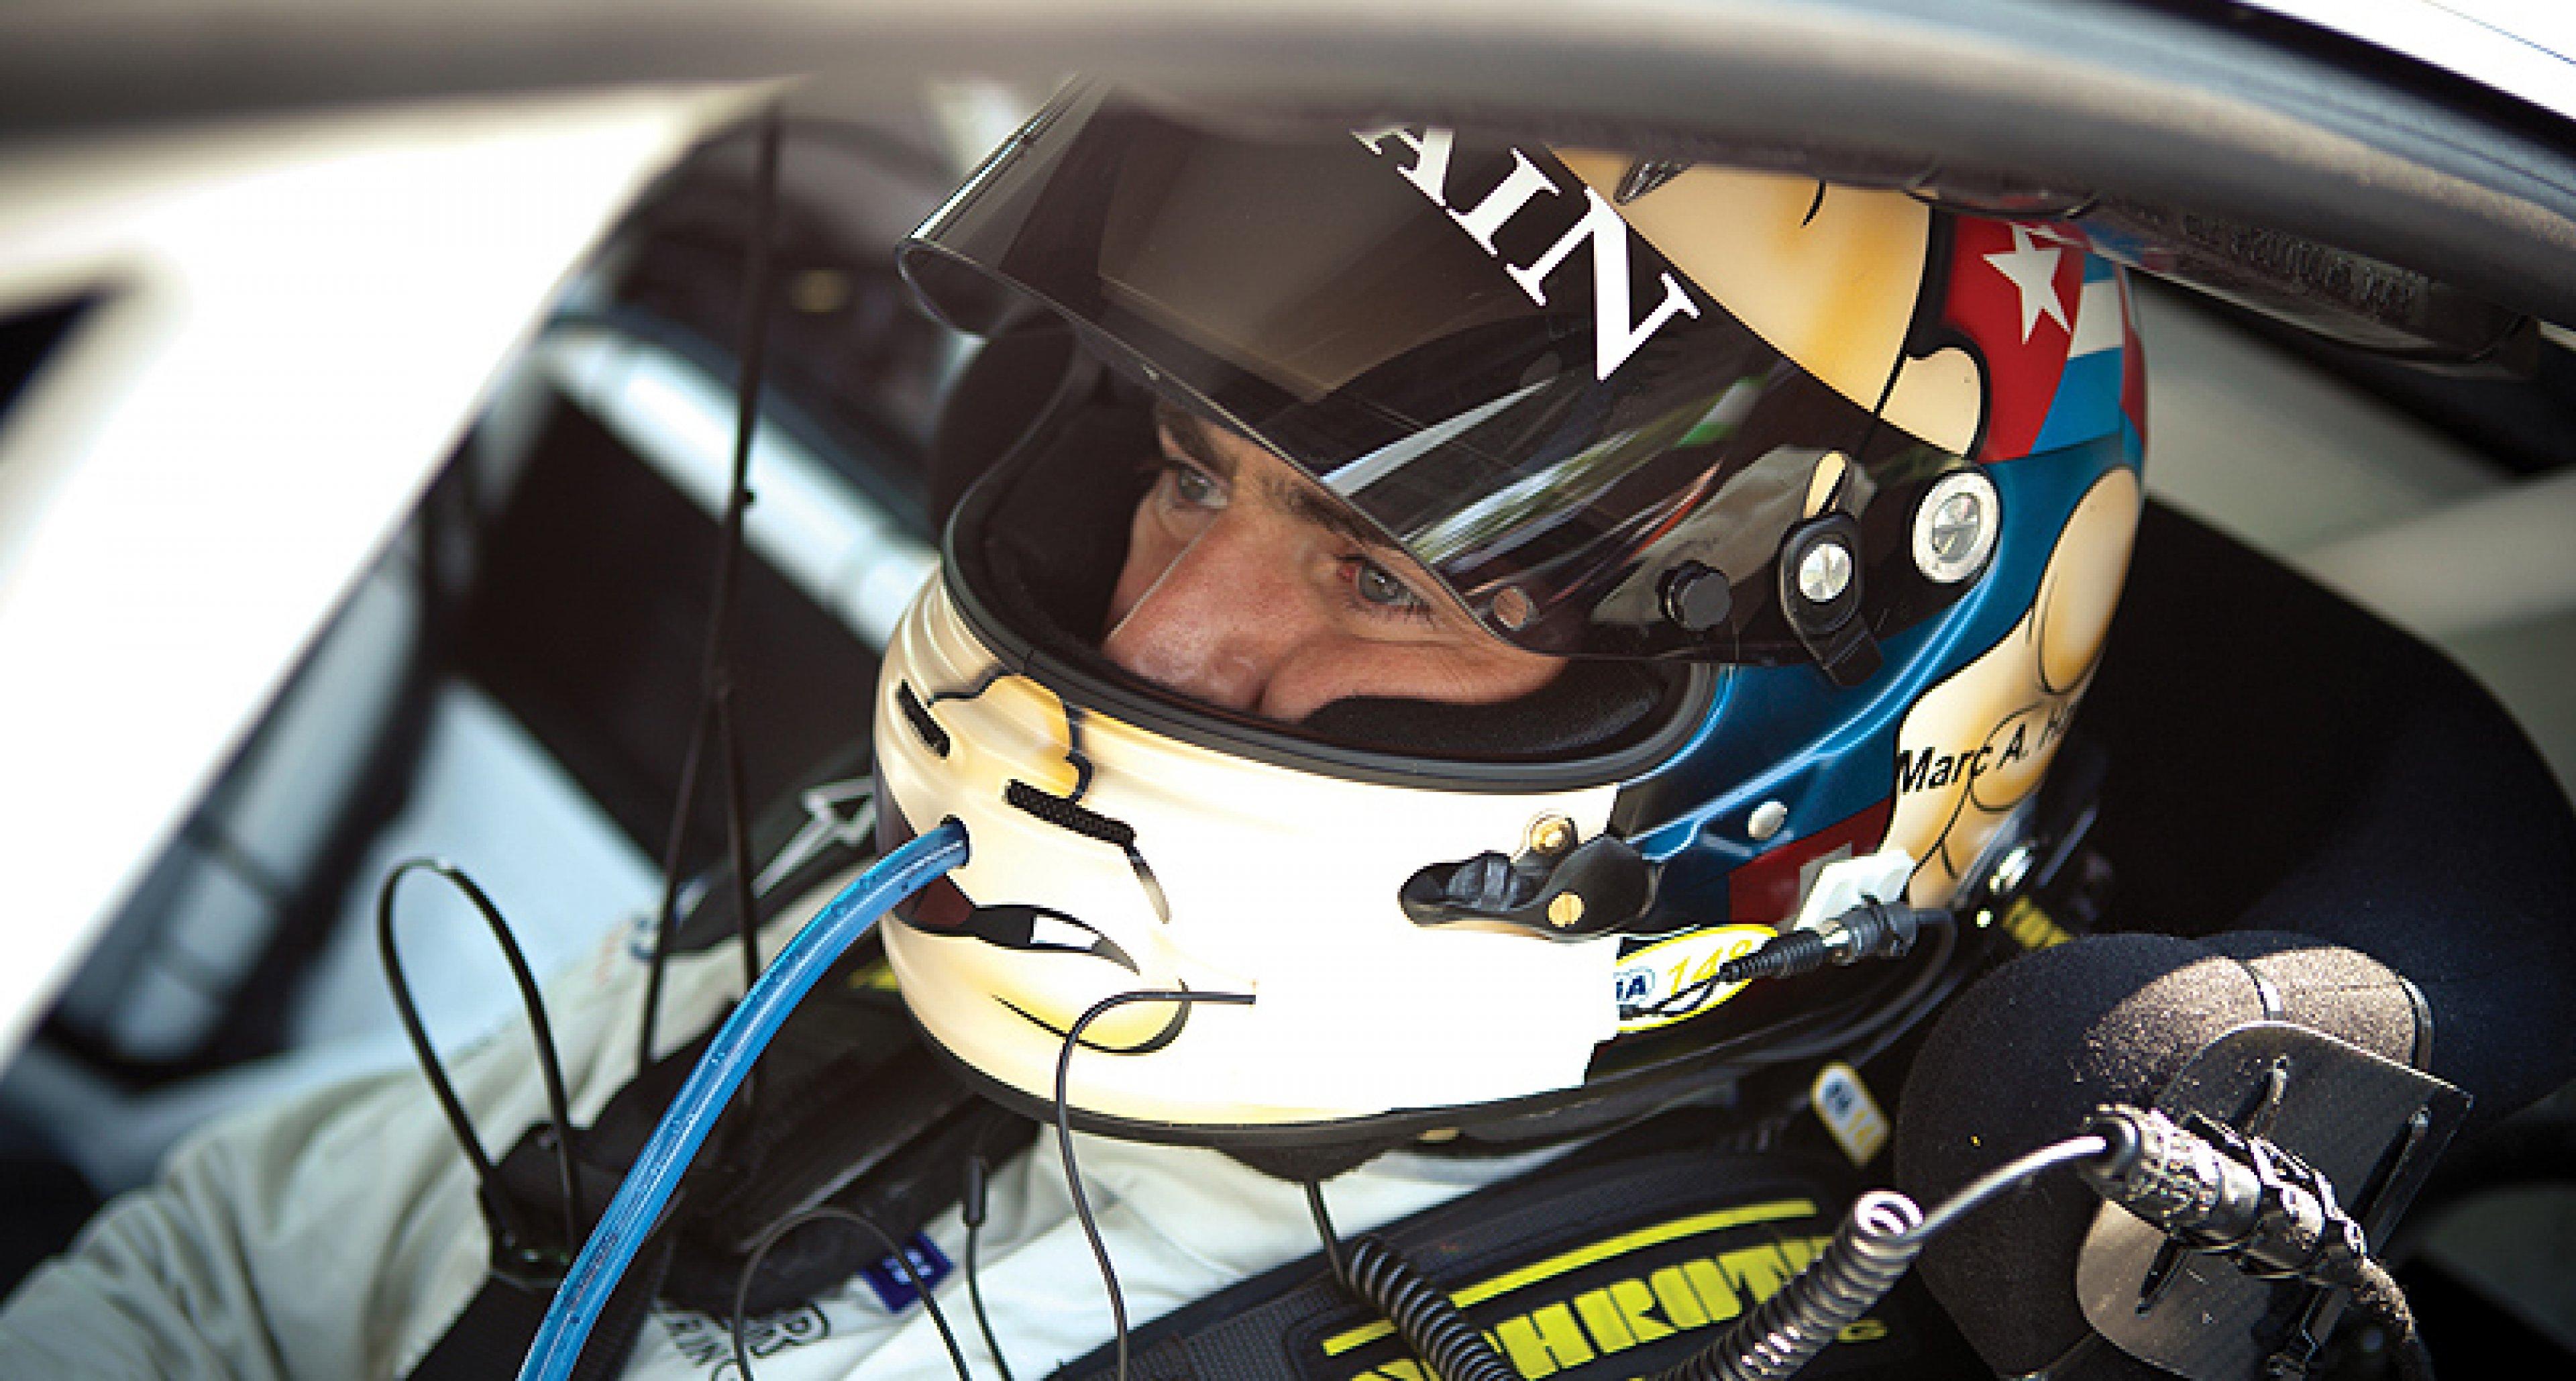 Classic Driver, Blancpain & RM versteigern Renn-Lambo für guten Zweck